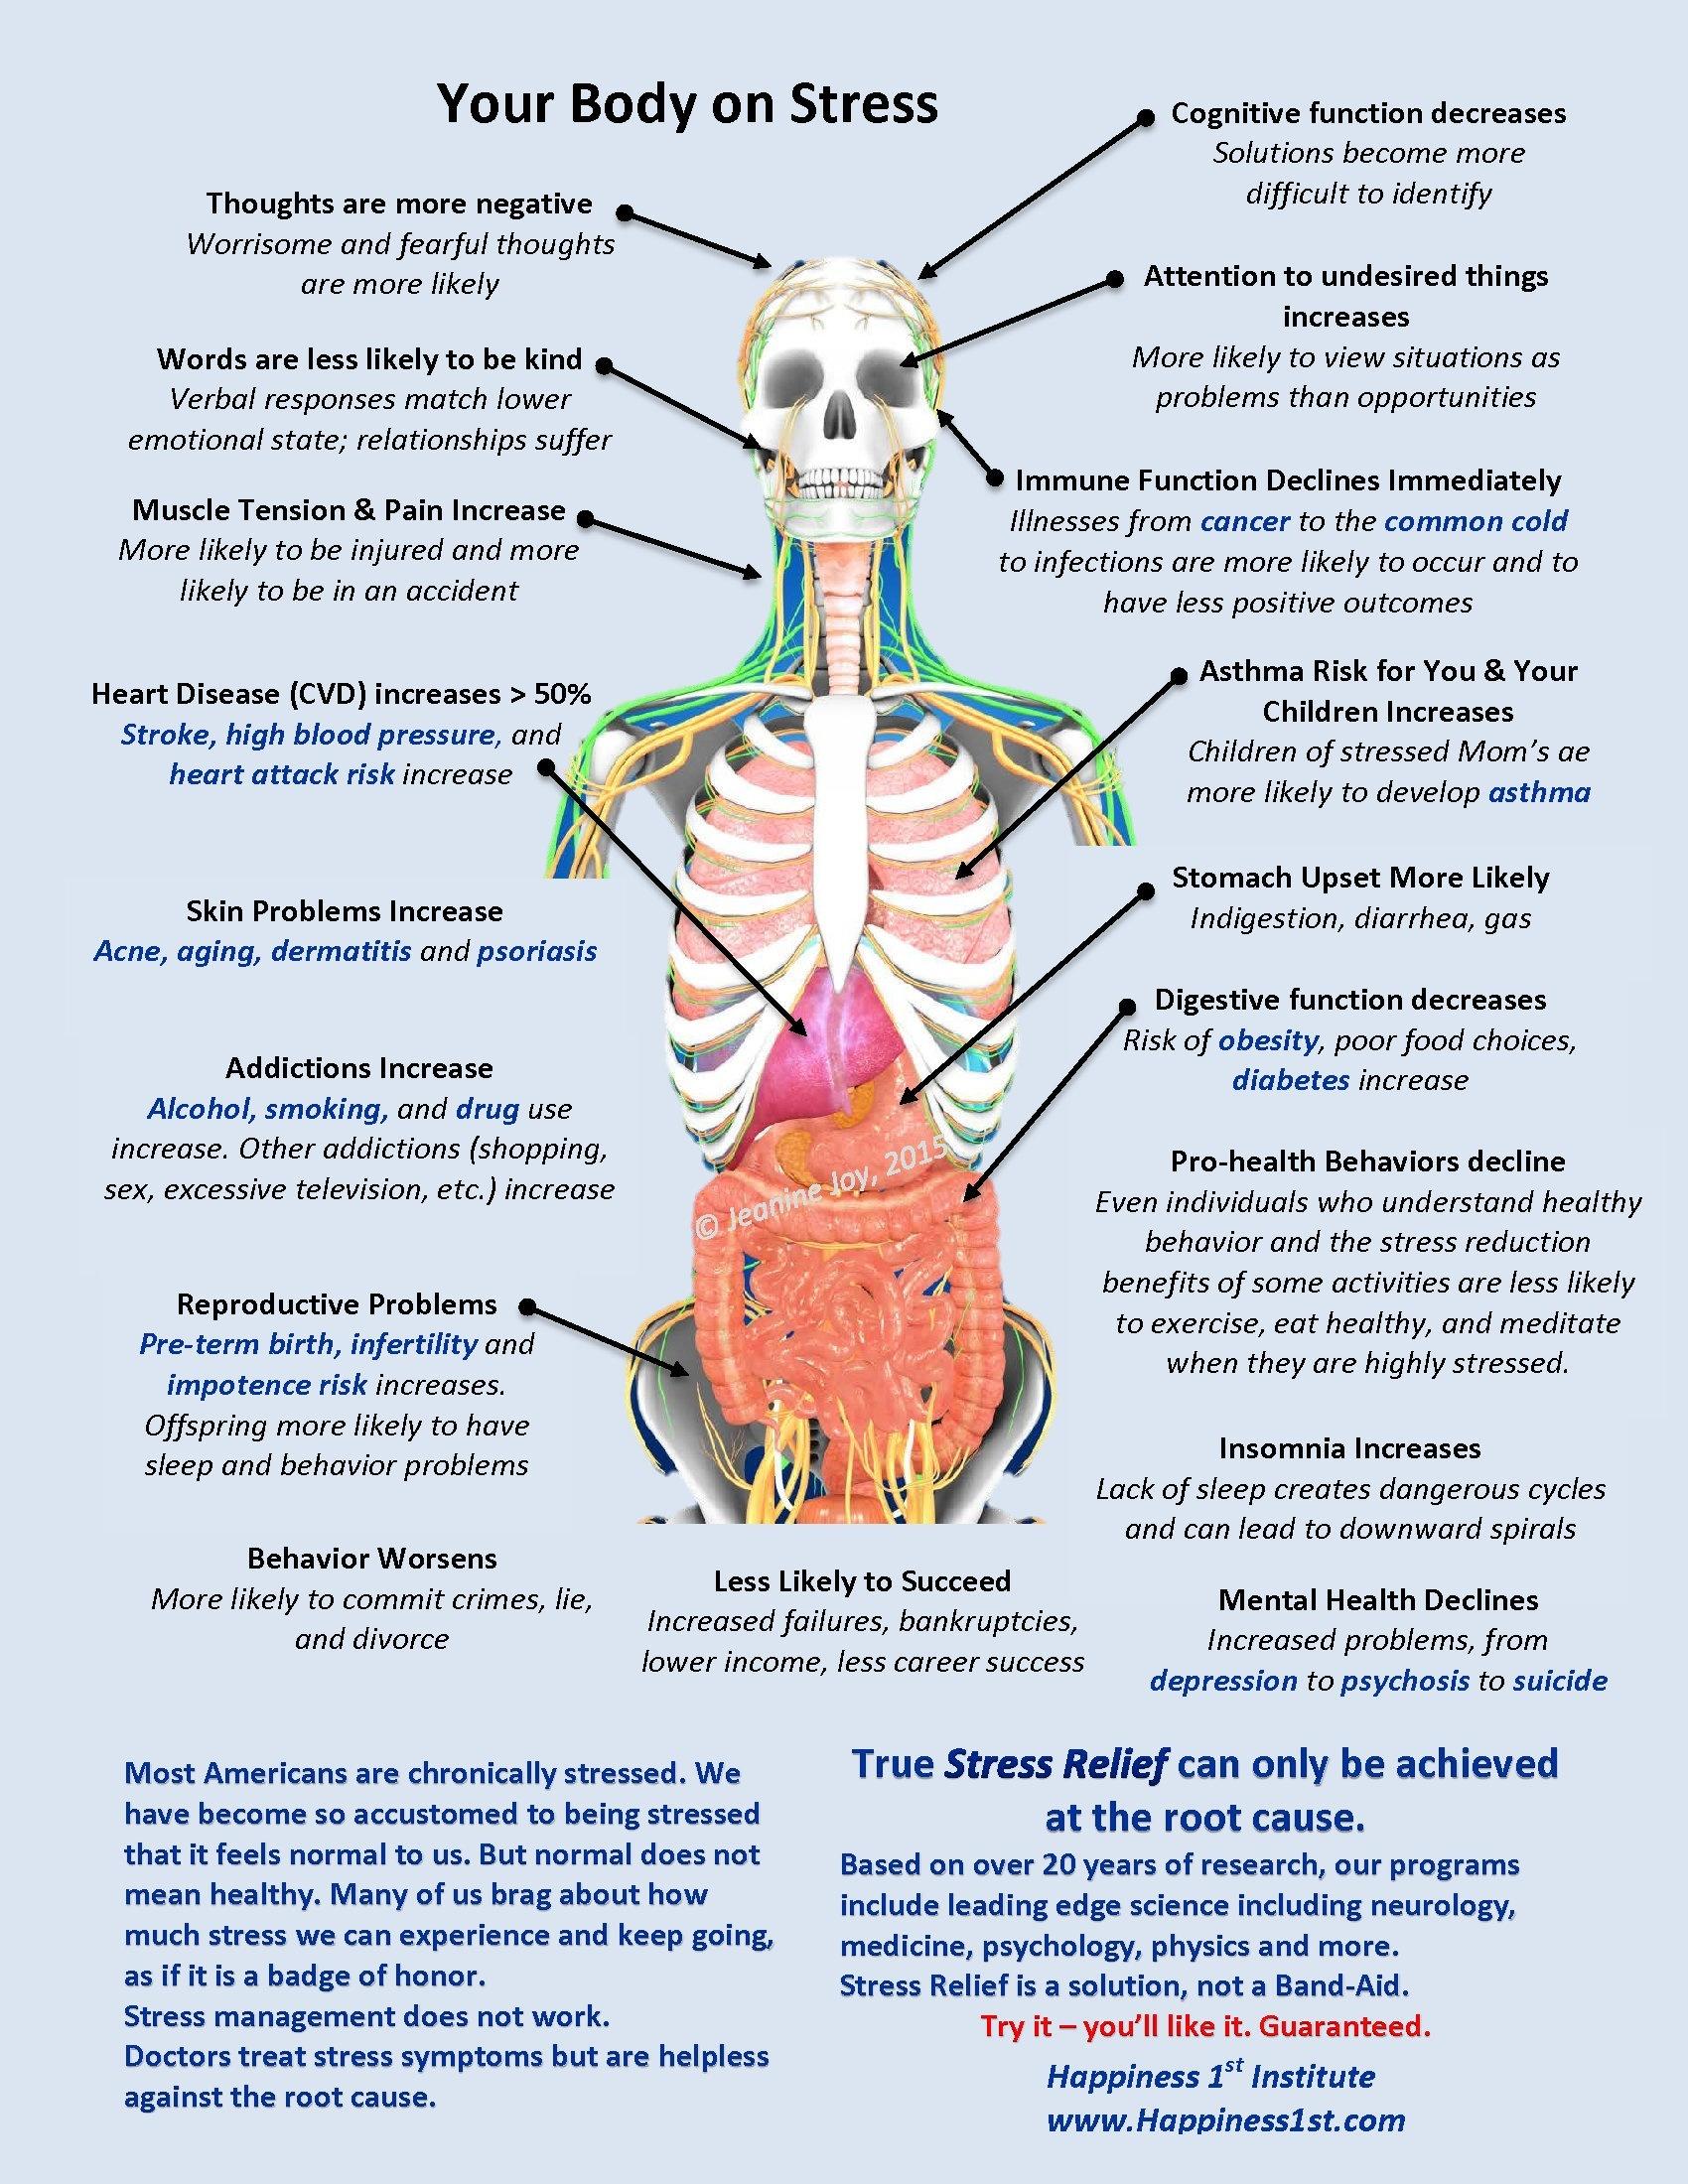 Повышенная тревожность негативно влияет на здоровье